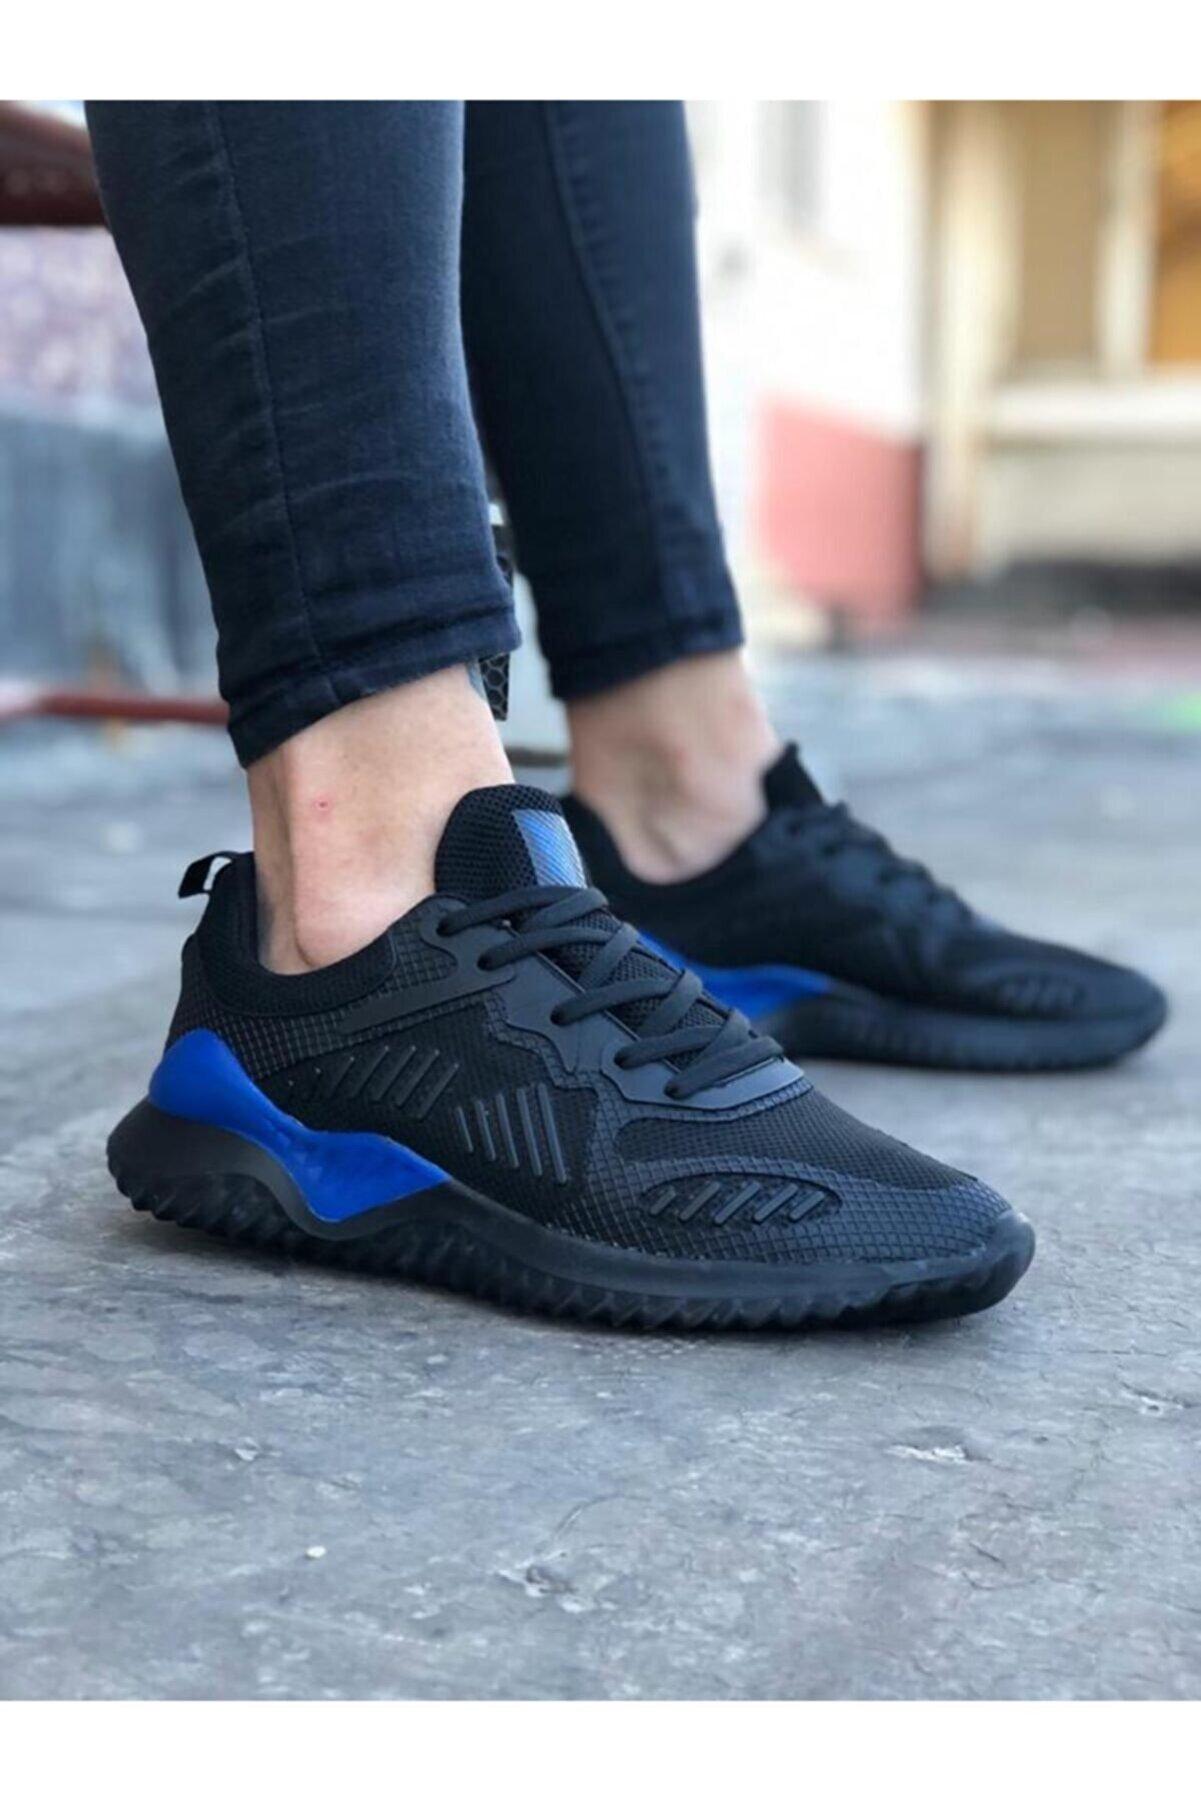 Odal Shoes Unisex  Siyah-saks Sneaker Spor Ayakkabı Takax0132